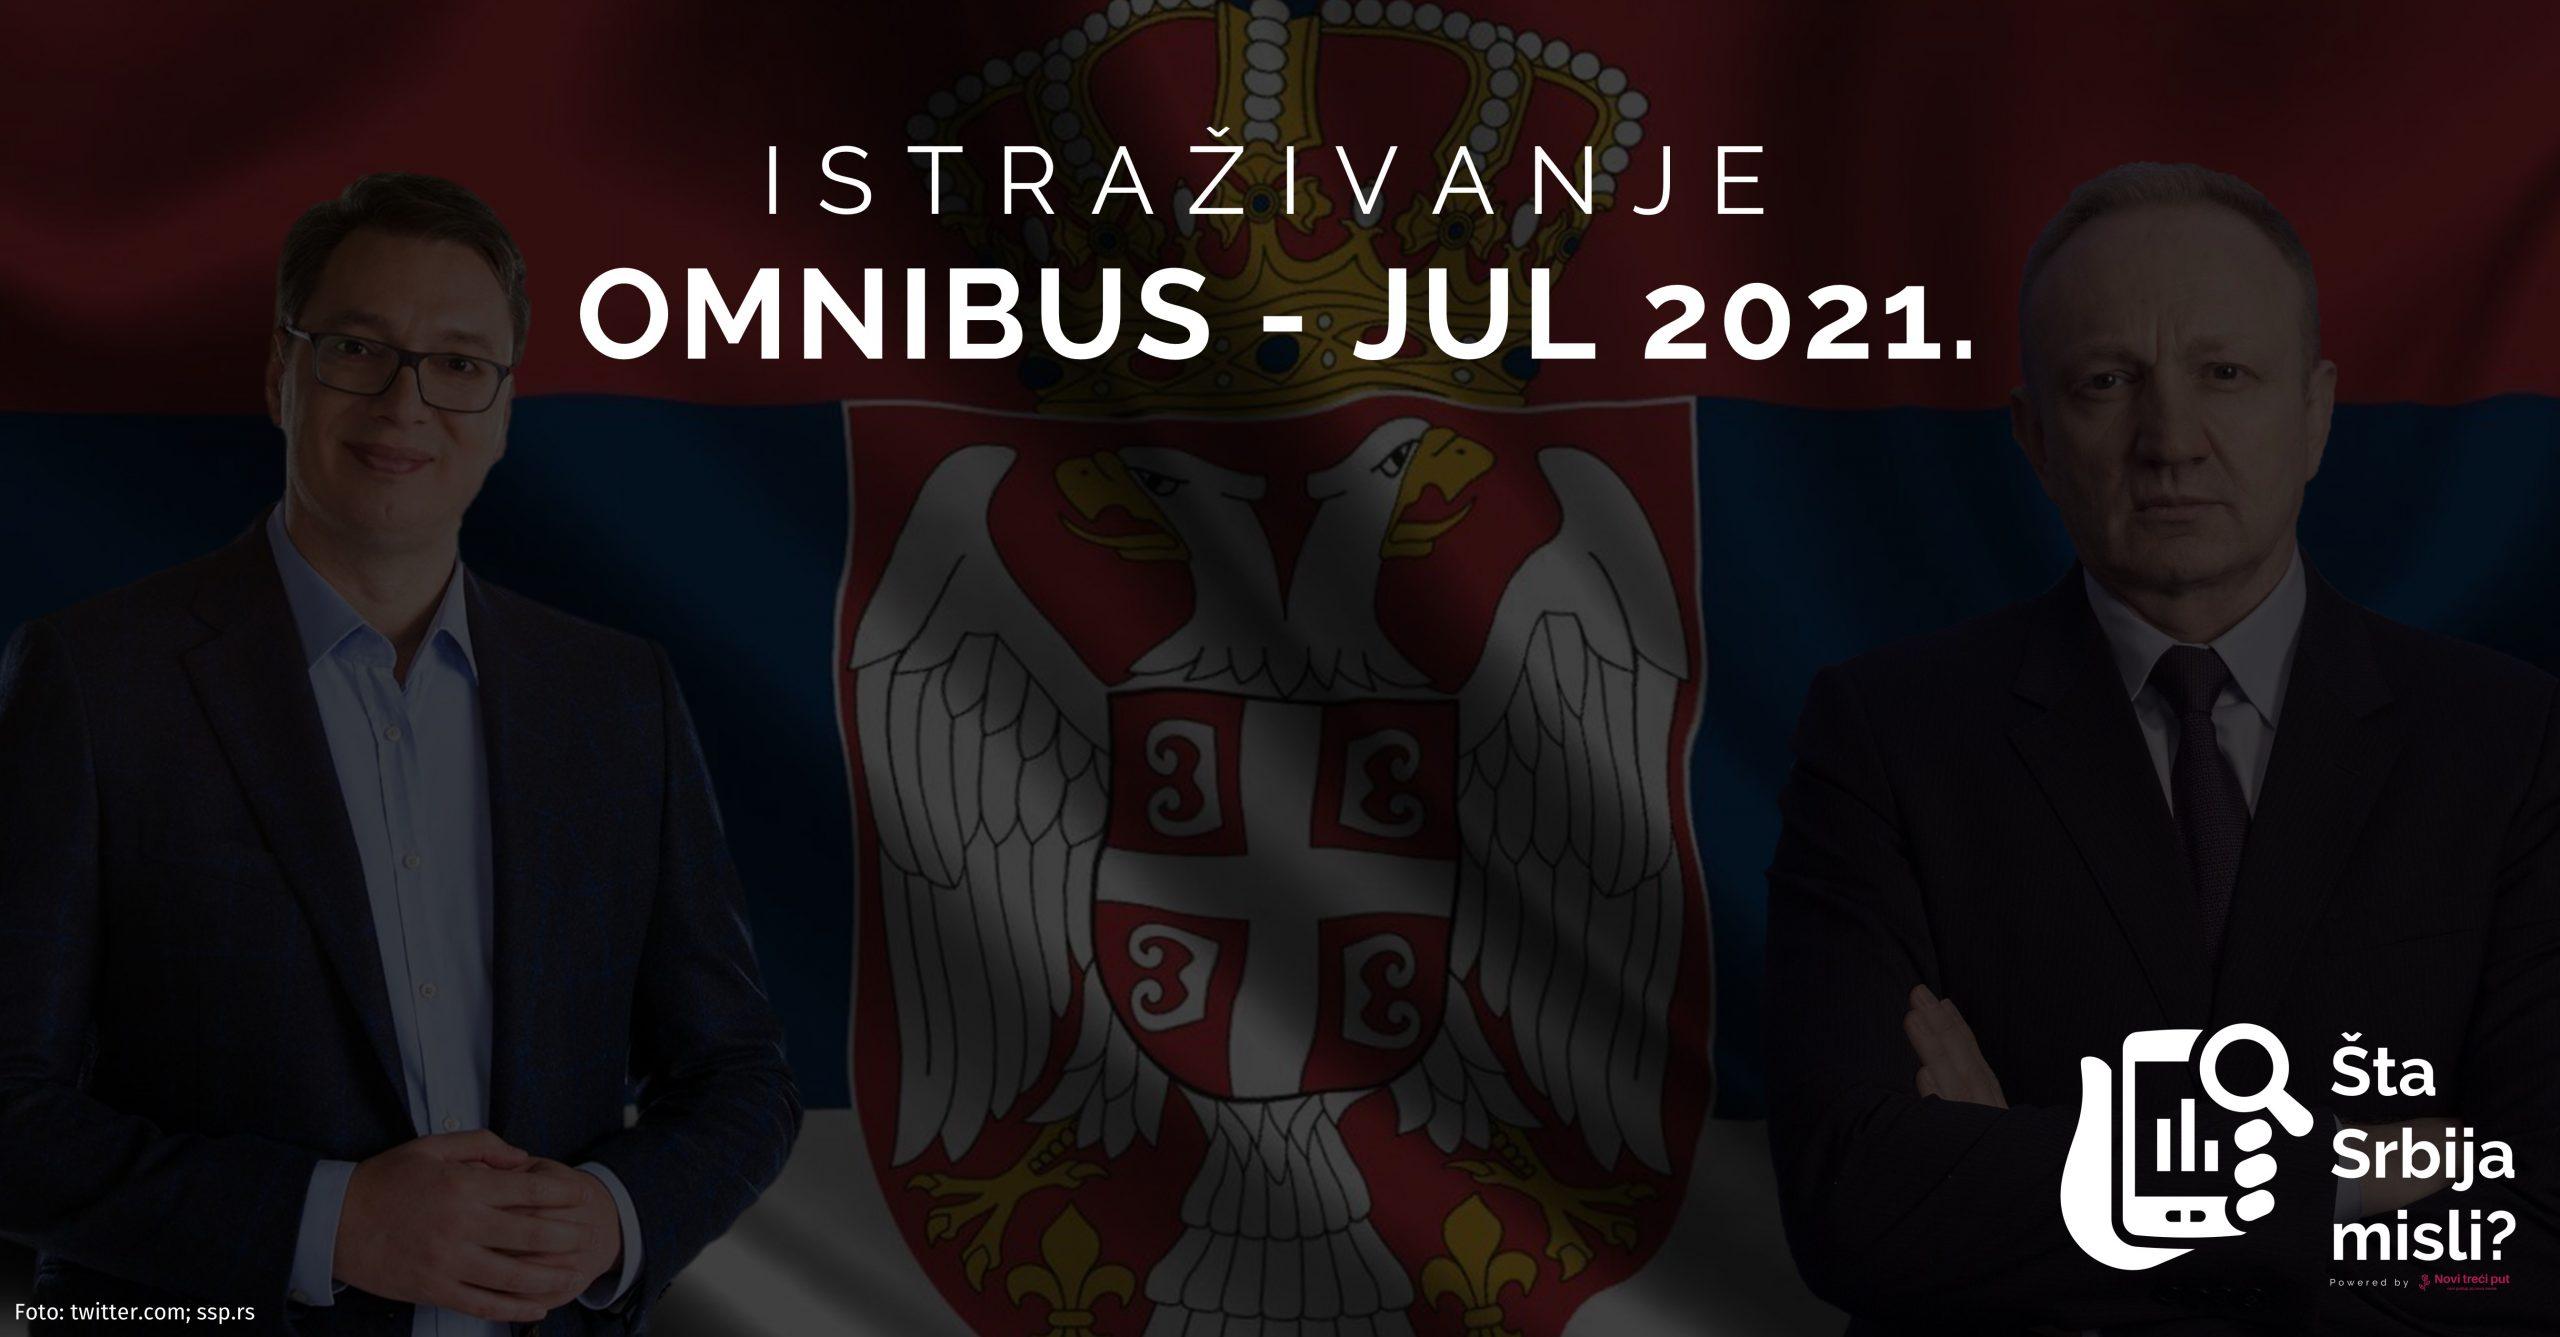 Omnibus - jul 2021.